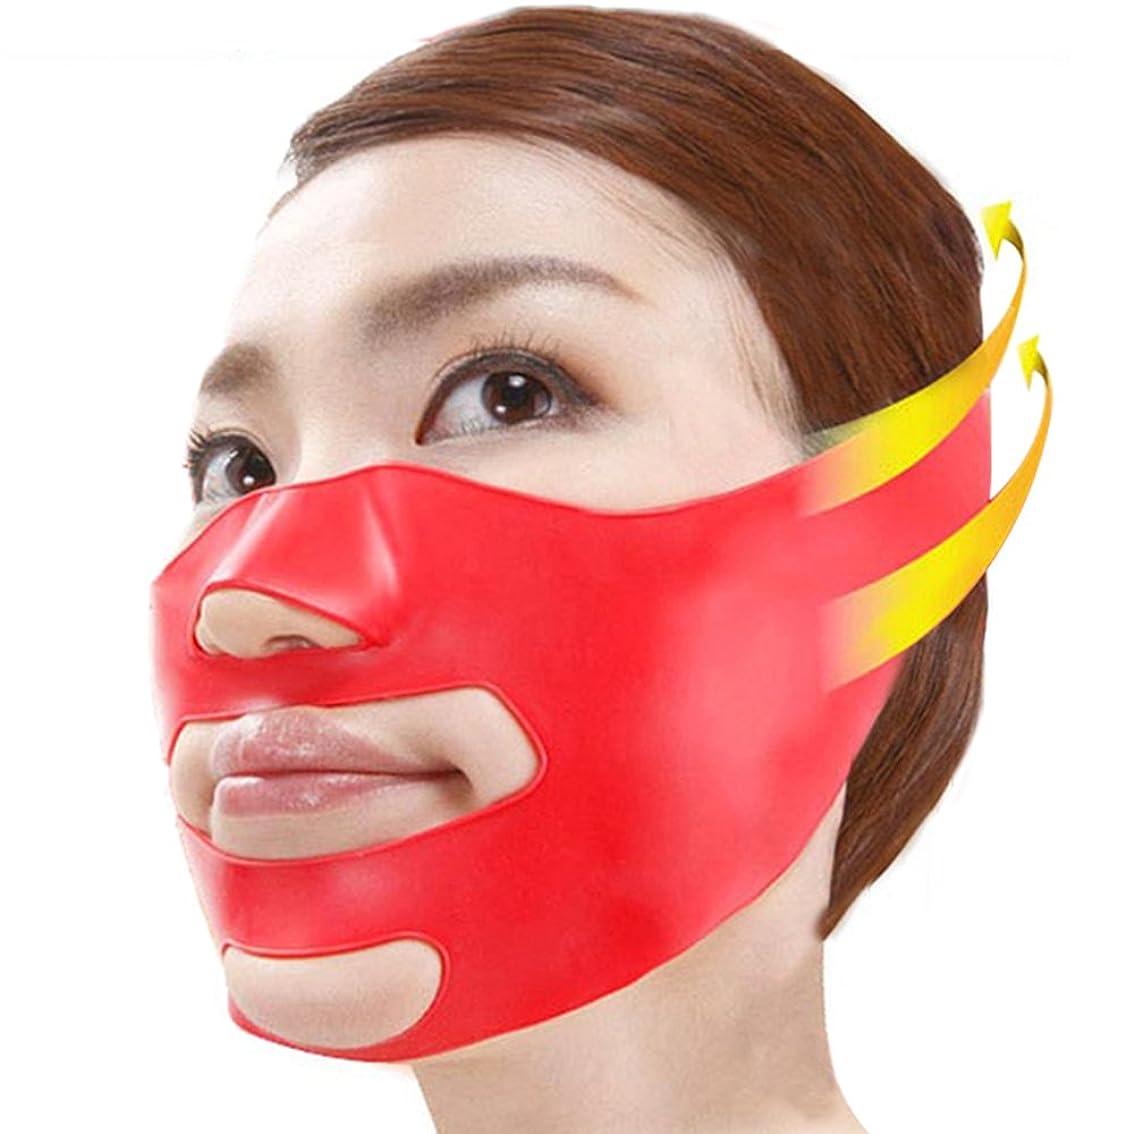 エステート意味するマキシム3D 小顔 マッサージグッズ フェイスマスク 美容 顔痩せ ほうれい線 消す グッズ 美顔 矯正 (フリーサイズ, レッド)